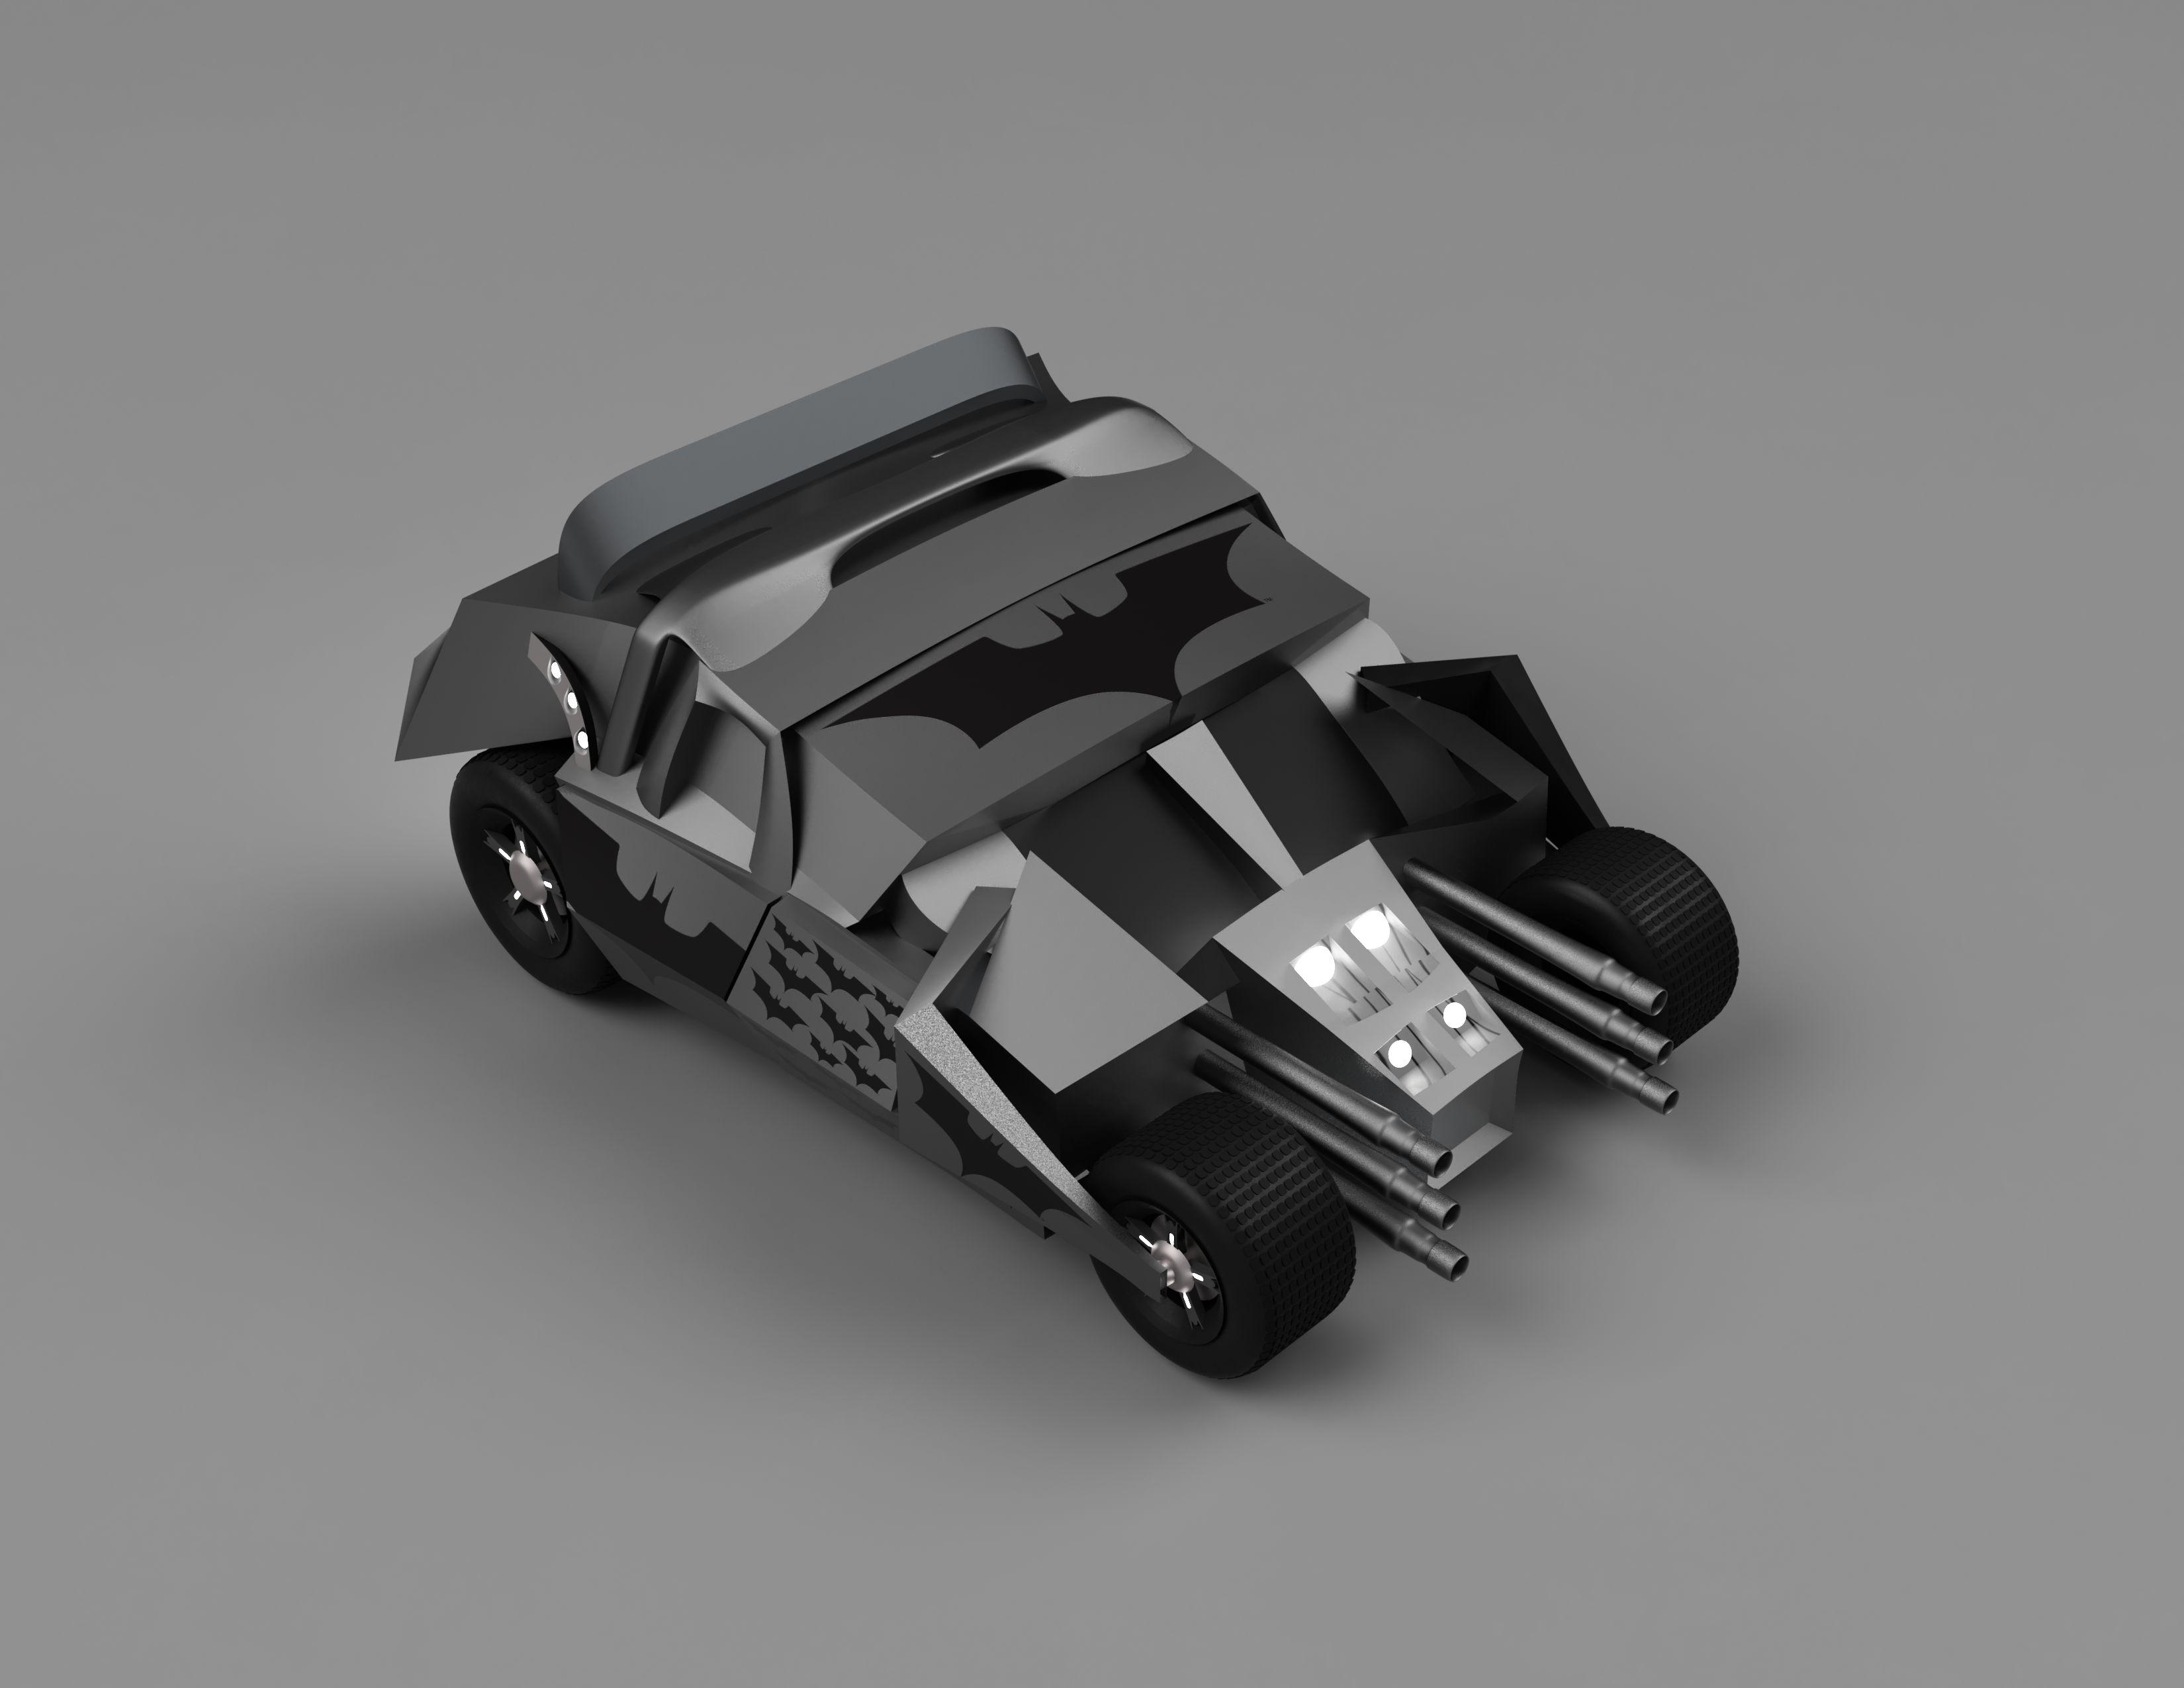 Bat-2-2017-aug-03-01-58-45pm-000-customizedview5857081405-3500-3500